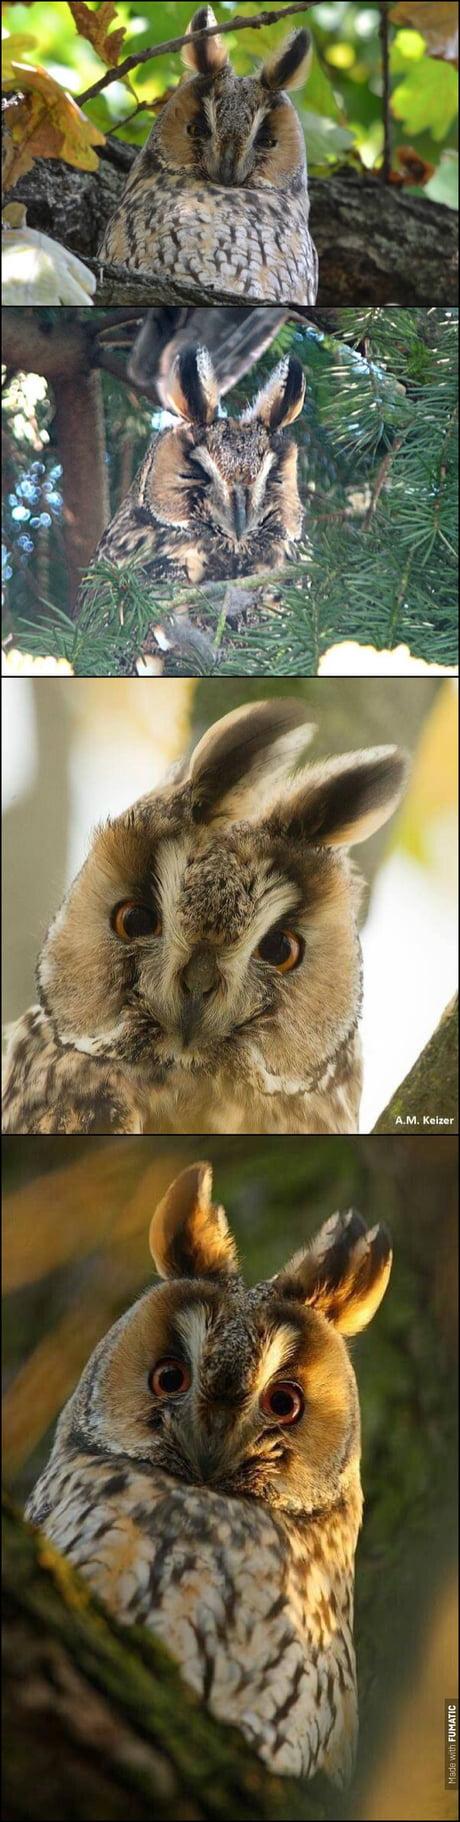 Asio otus.Or rabbit on the tree. If I name it.